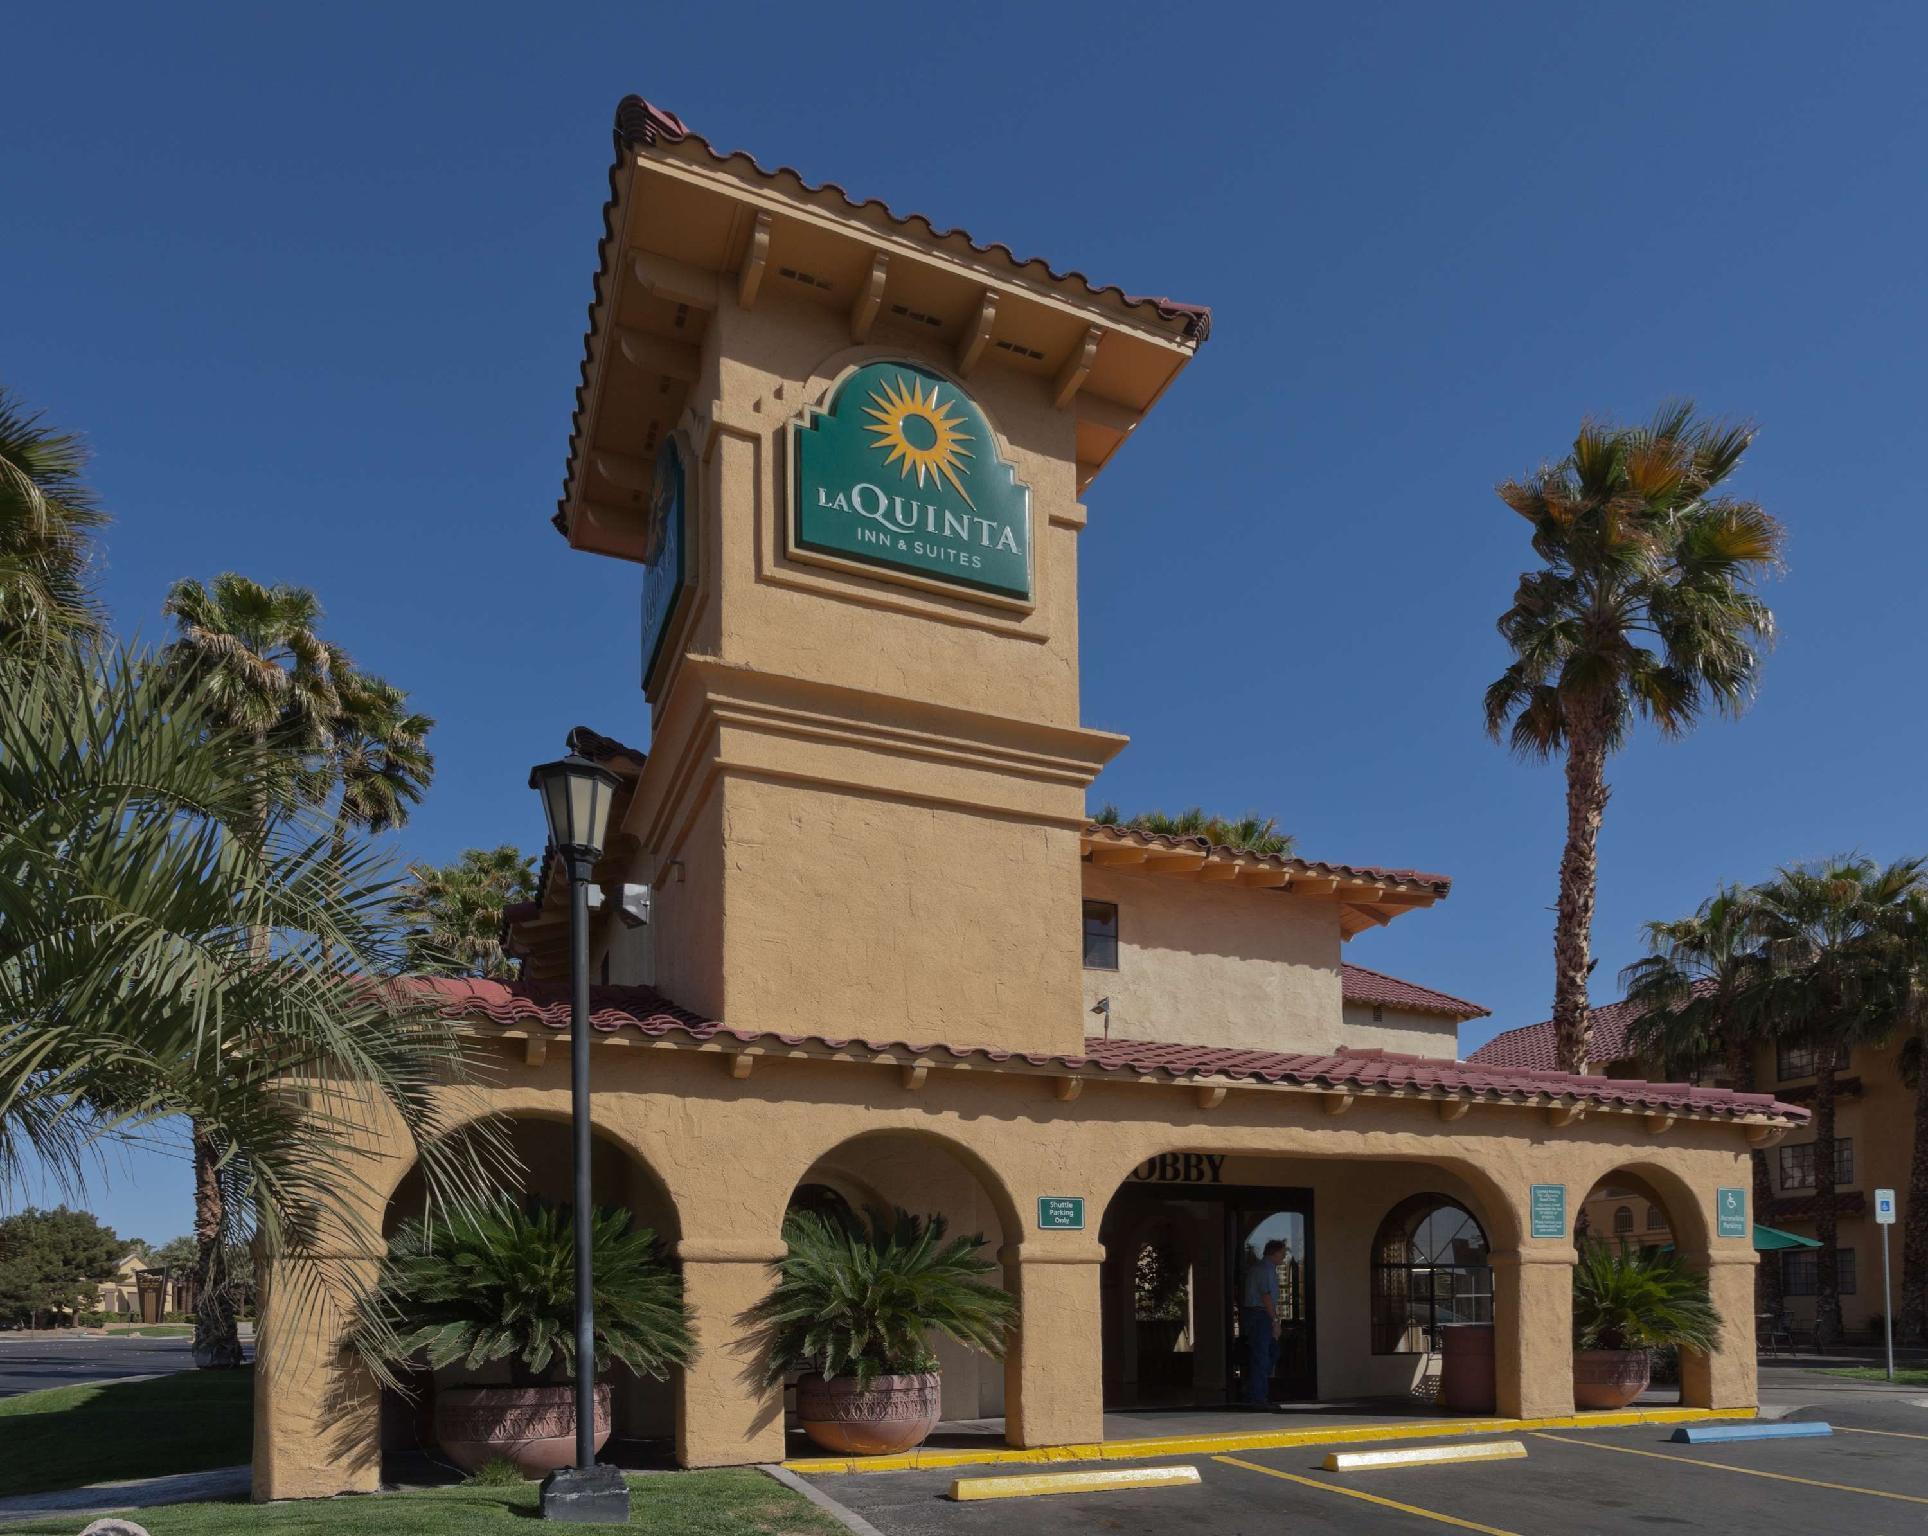 La Quinta Inn & Suites by Wyndham Las Vegas Airport N Conv.